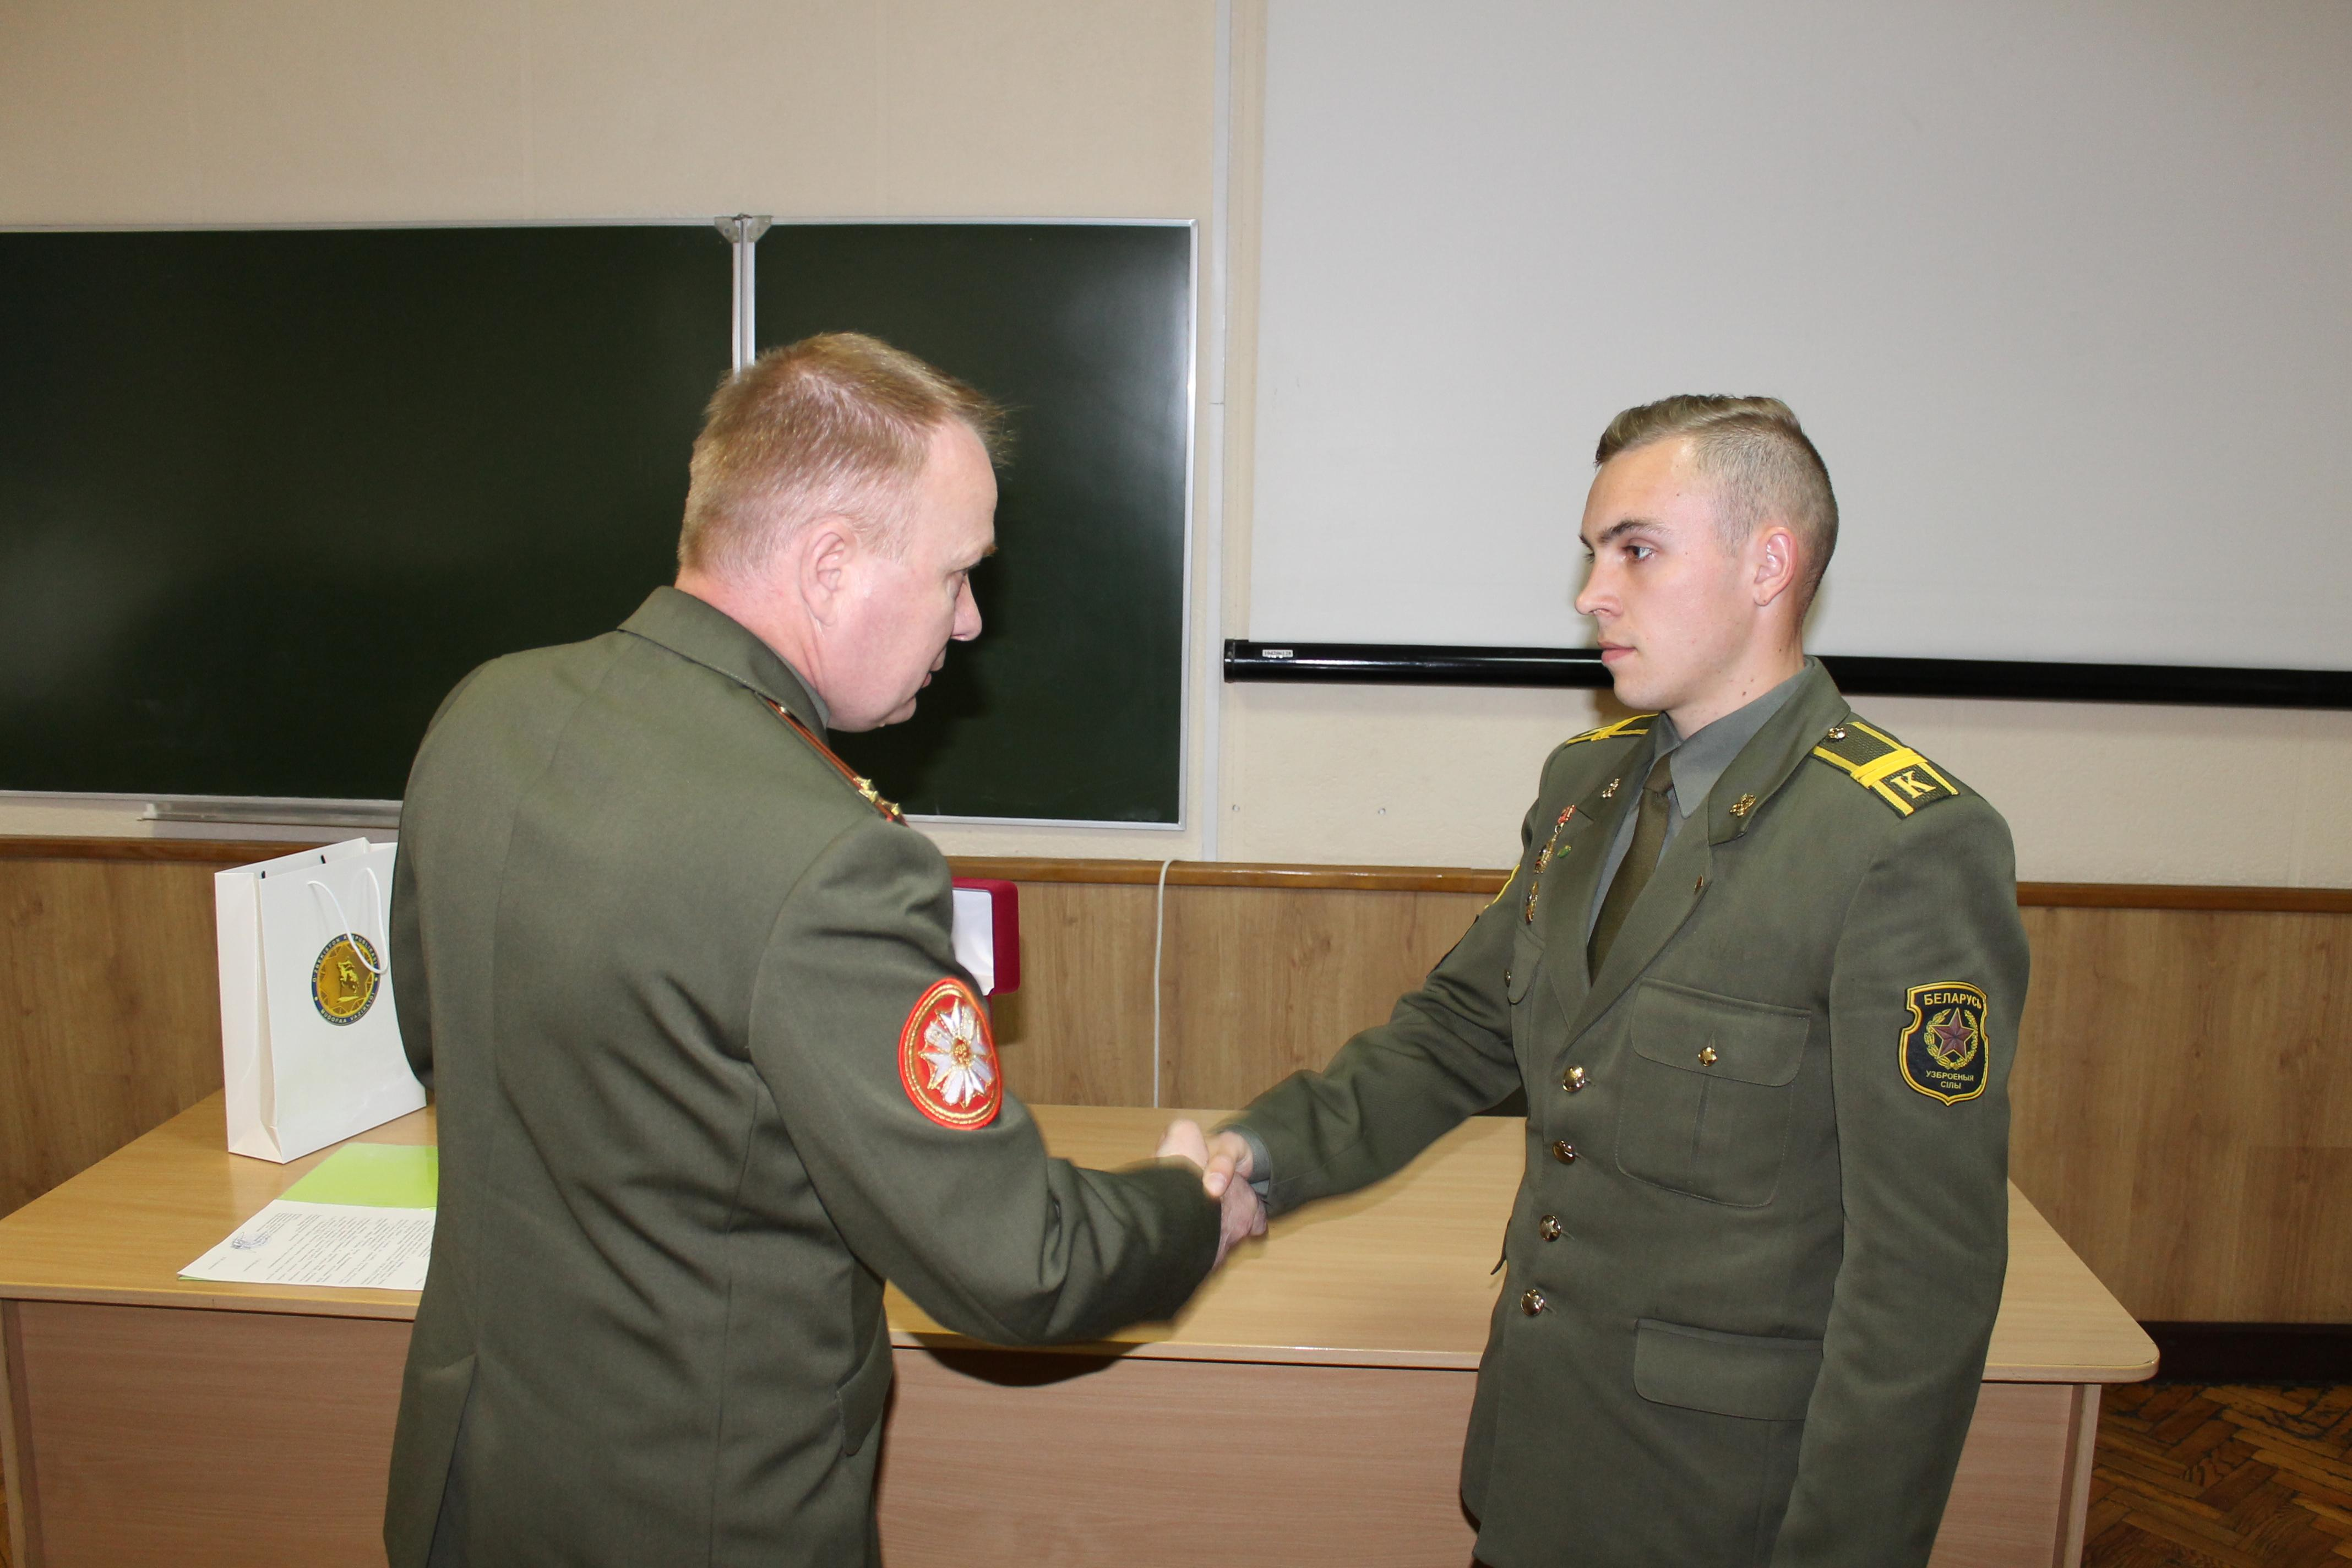 награждение полковником Игорем Слуцким младшего сержанта Селицкого Геннадия Сергеевича, курсанта 5-го курса батальона курсантов – в личном первенстве занявший 1-е место в весовой категории до 60 кг